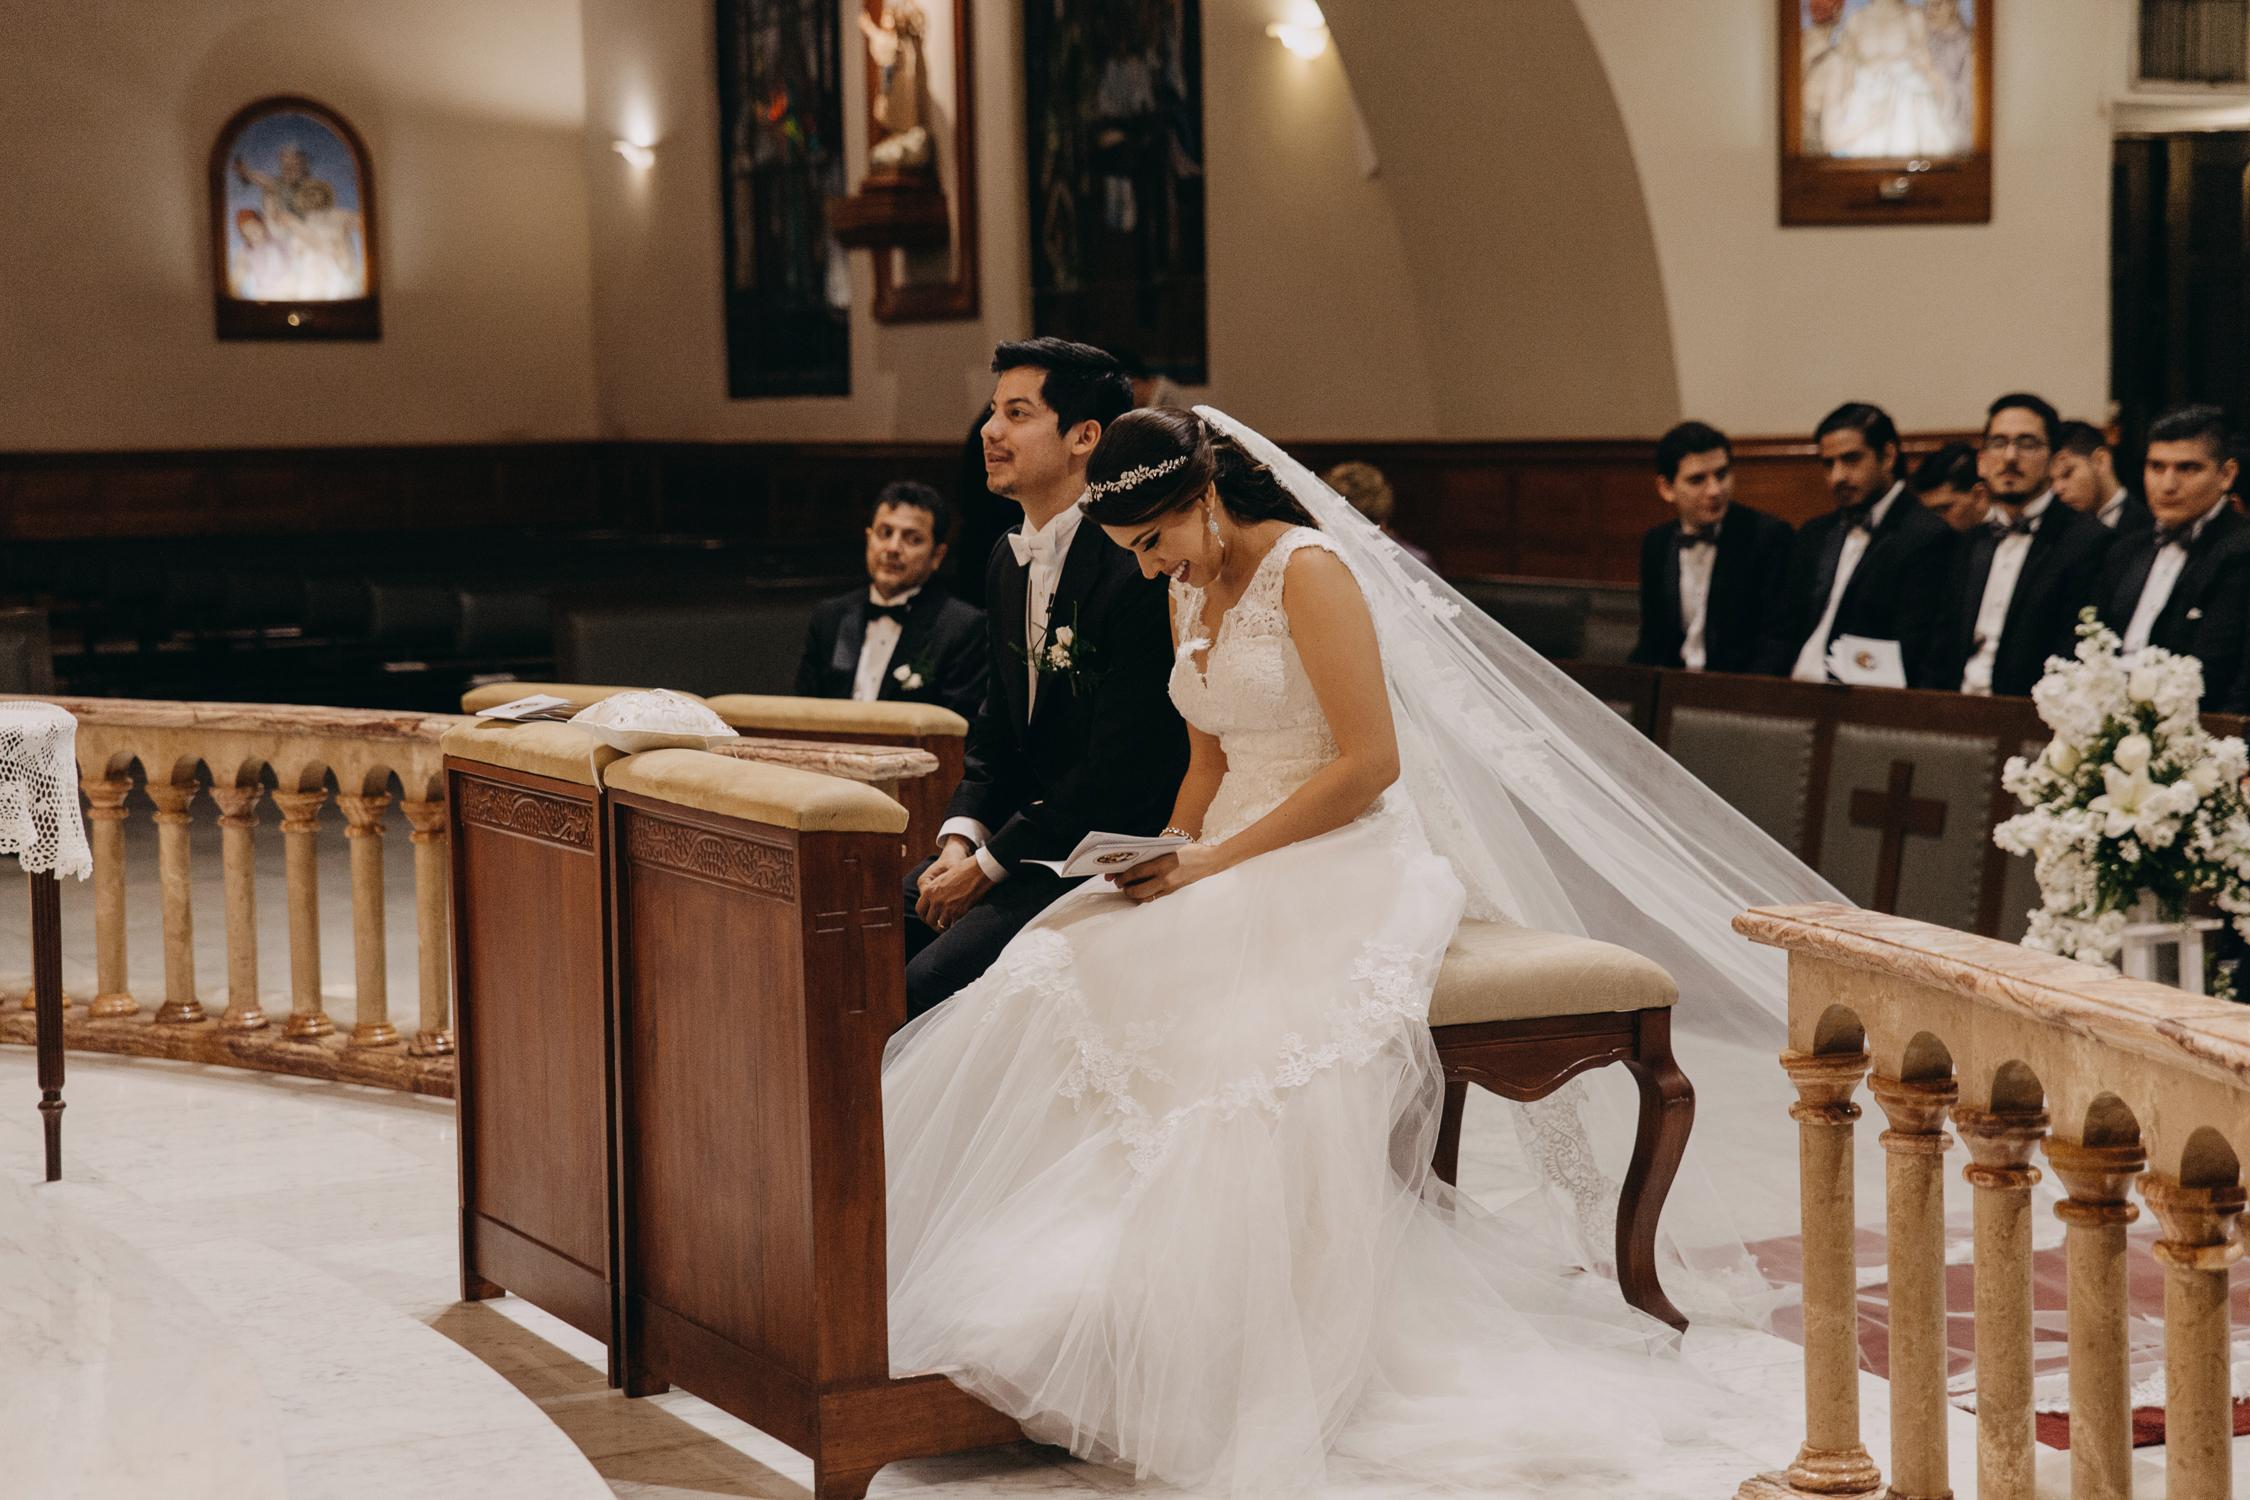 Michelle-Agurto-Fotografia-Bodas-Ecuador-Destination-Wedding-Photographer-Patricia-Guido-100.JPG